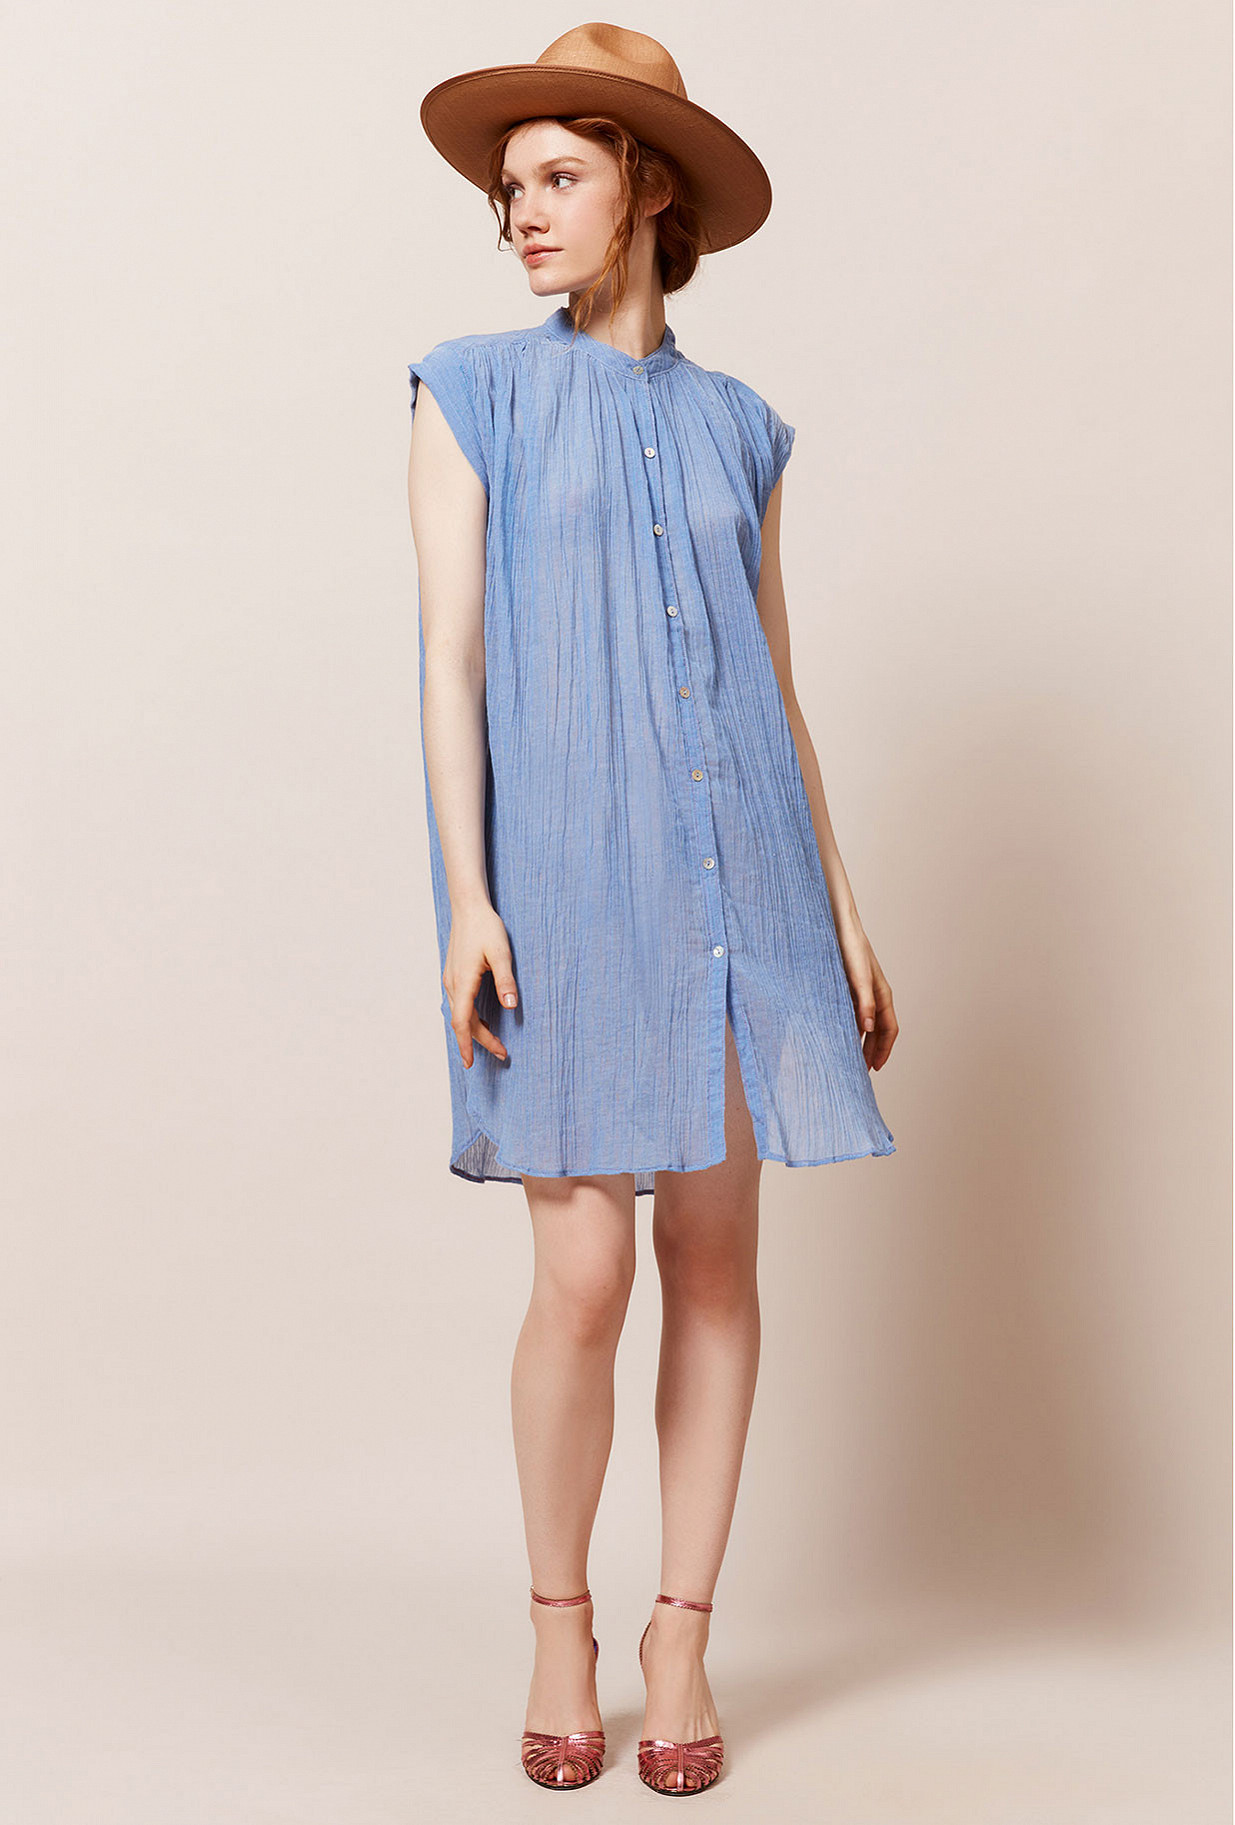 Paris boutique de mode vêtement Top créateur bohème  Danny